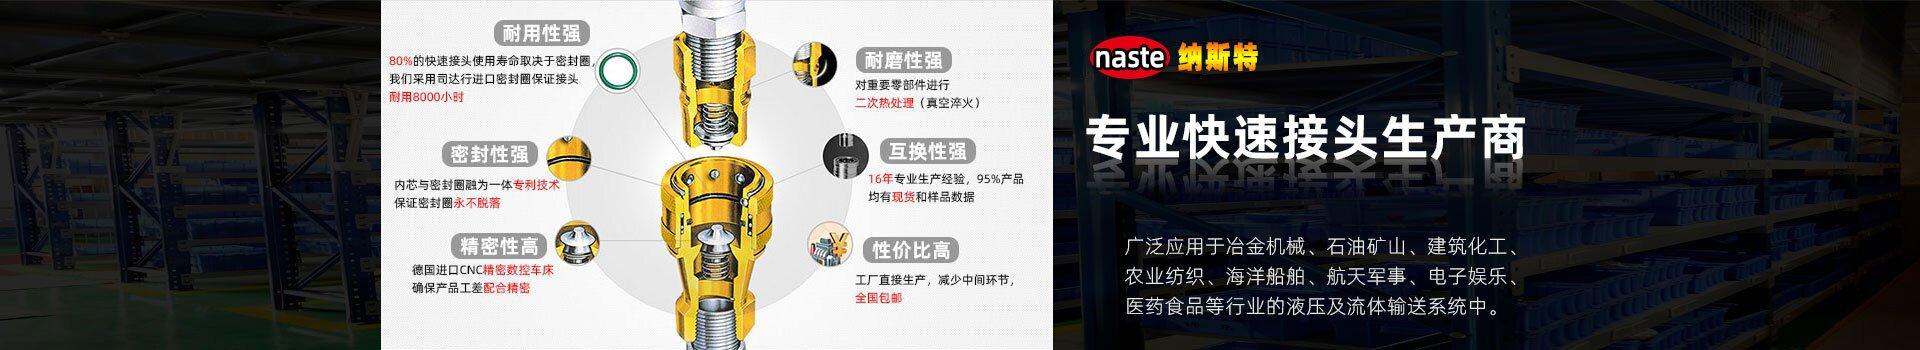 锦东生产的快速接头规格型号齐全,为您提供高品质快速接头产品!